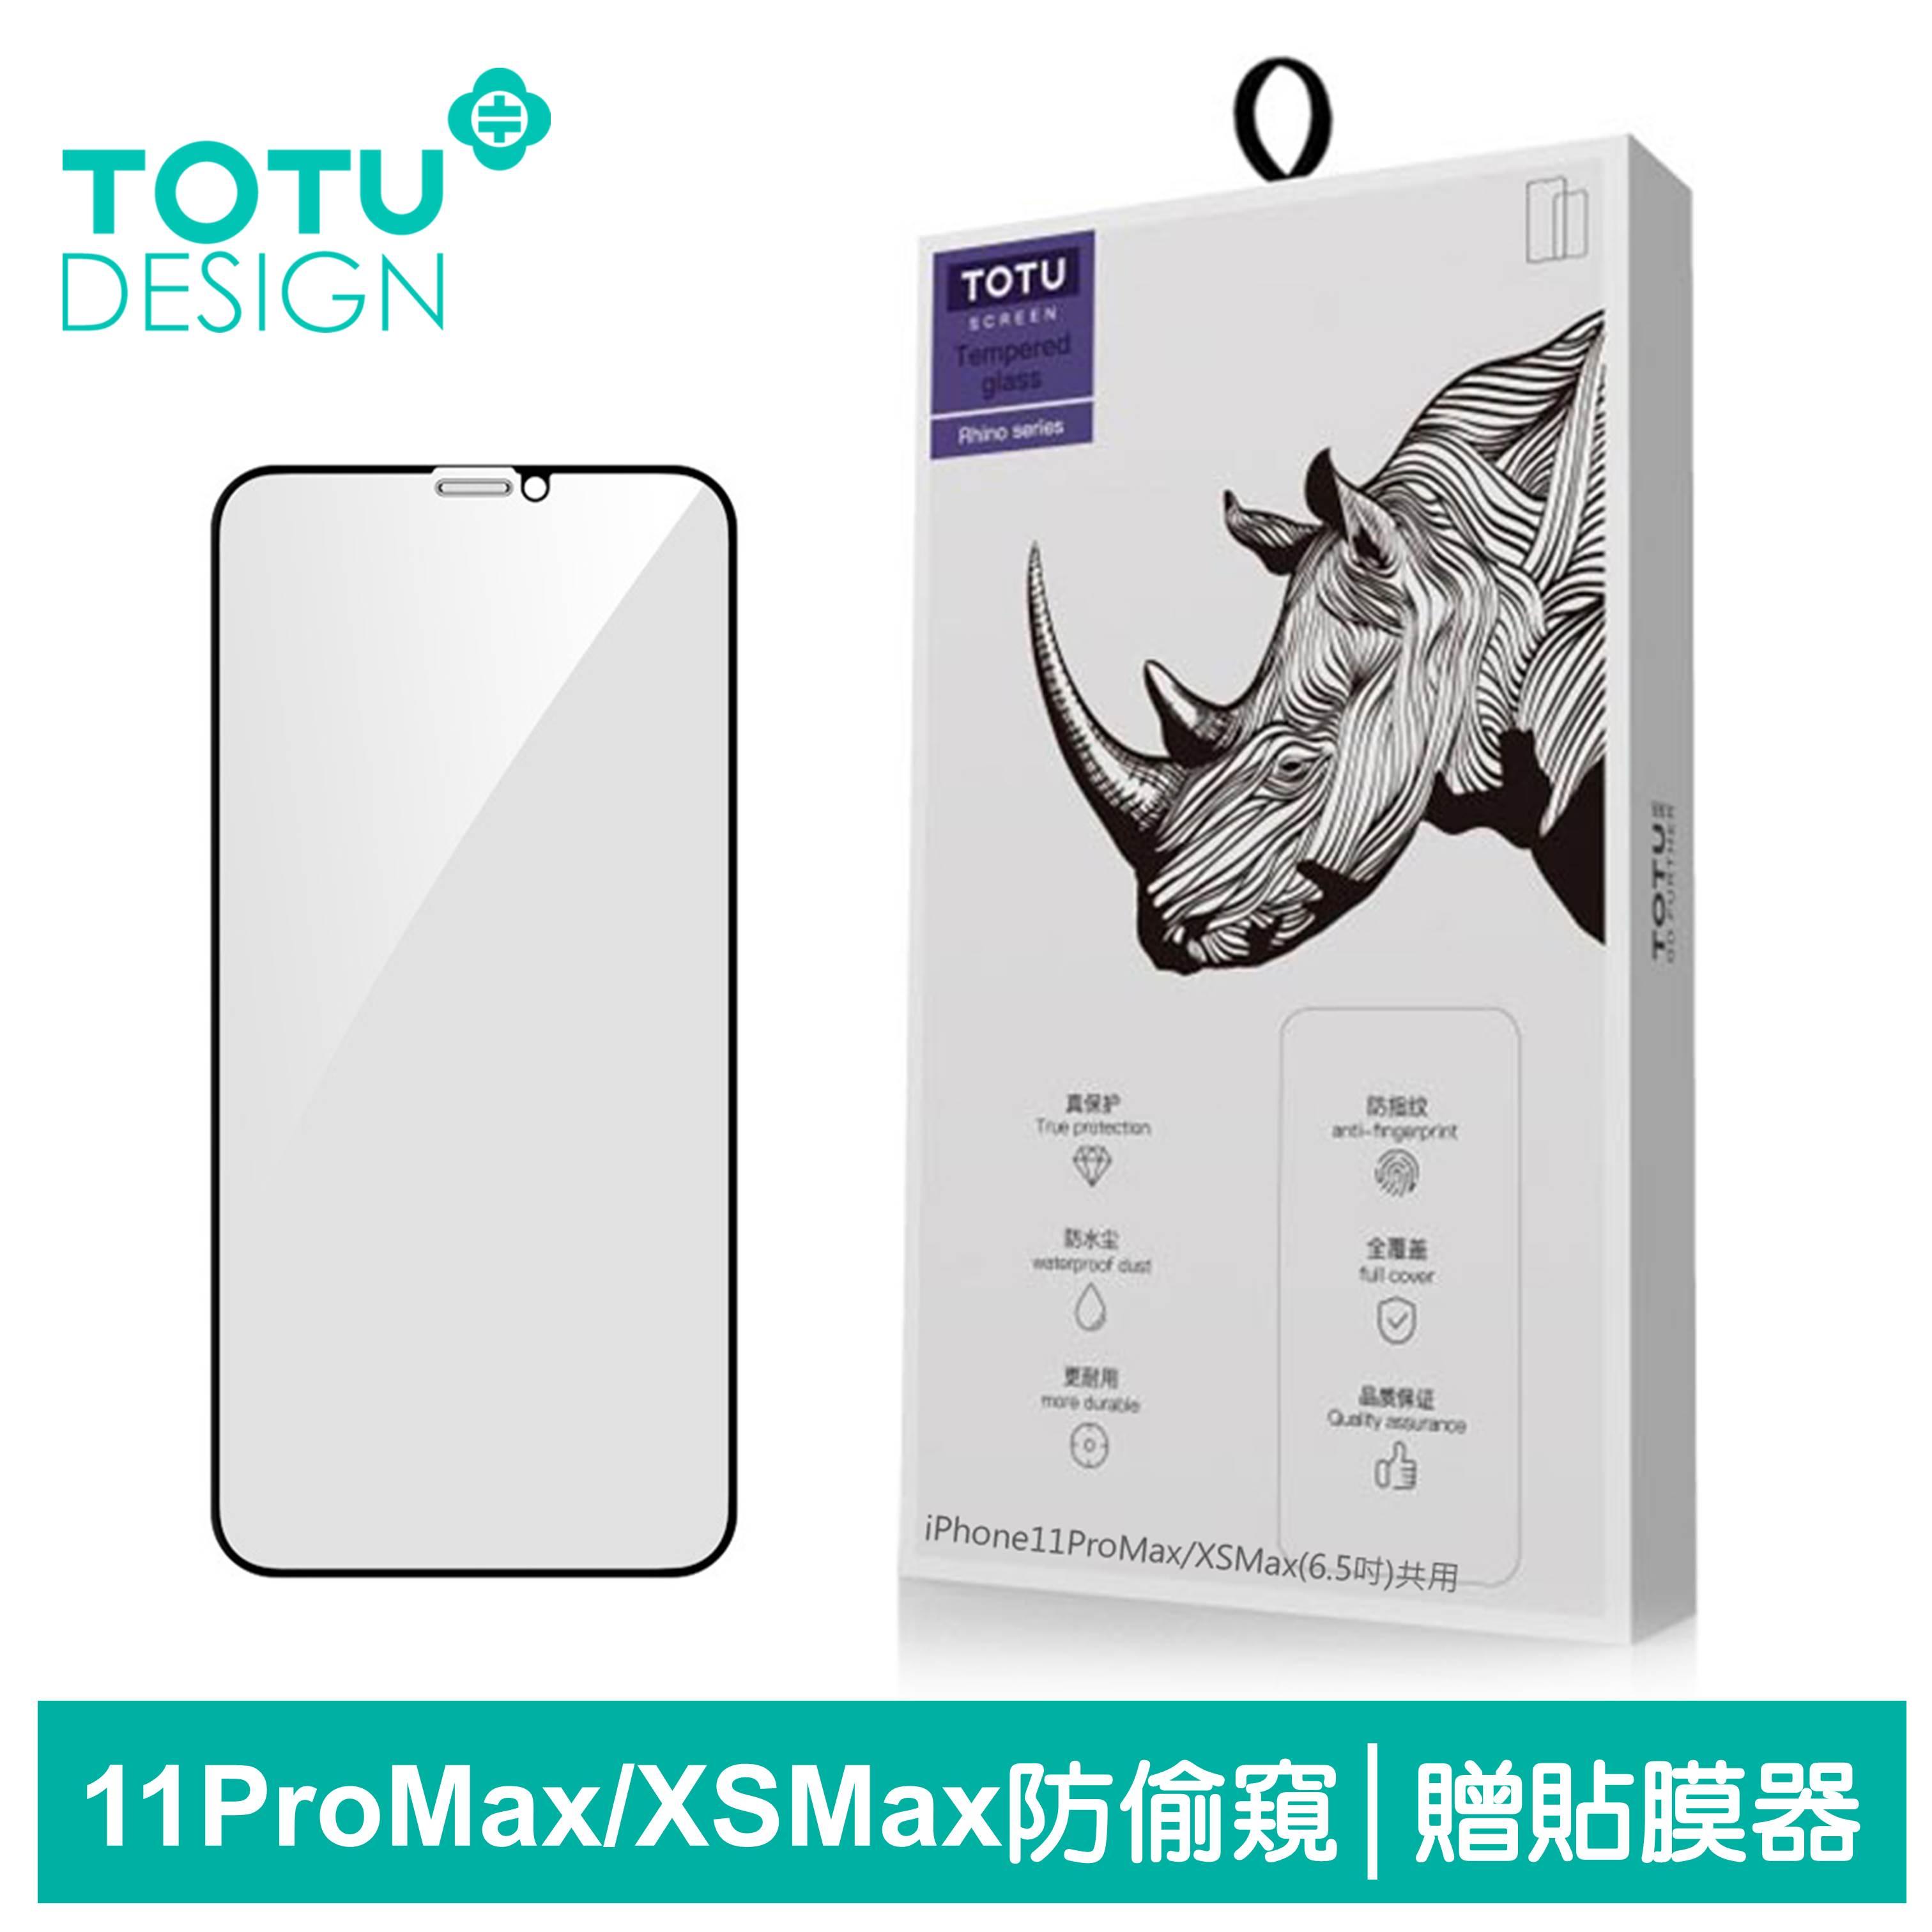 TOTU台灣官方 iPhone11ProMax/XSMax防偷窺鋼化膜保護貼保貼滿版防塵 贈貼膜器 犀牛家族